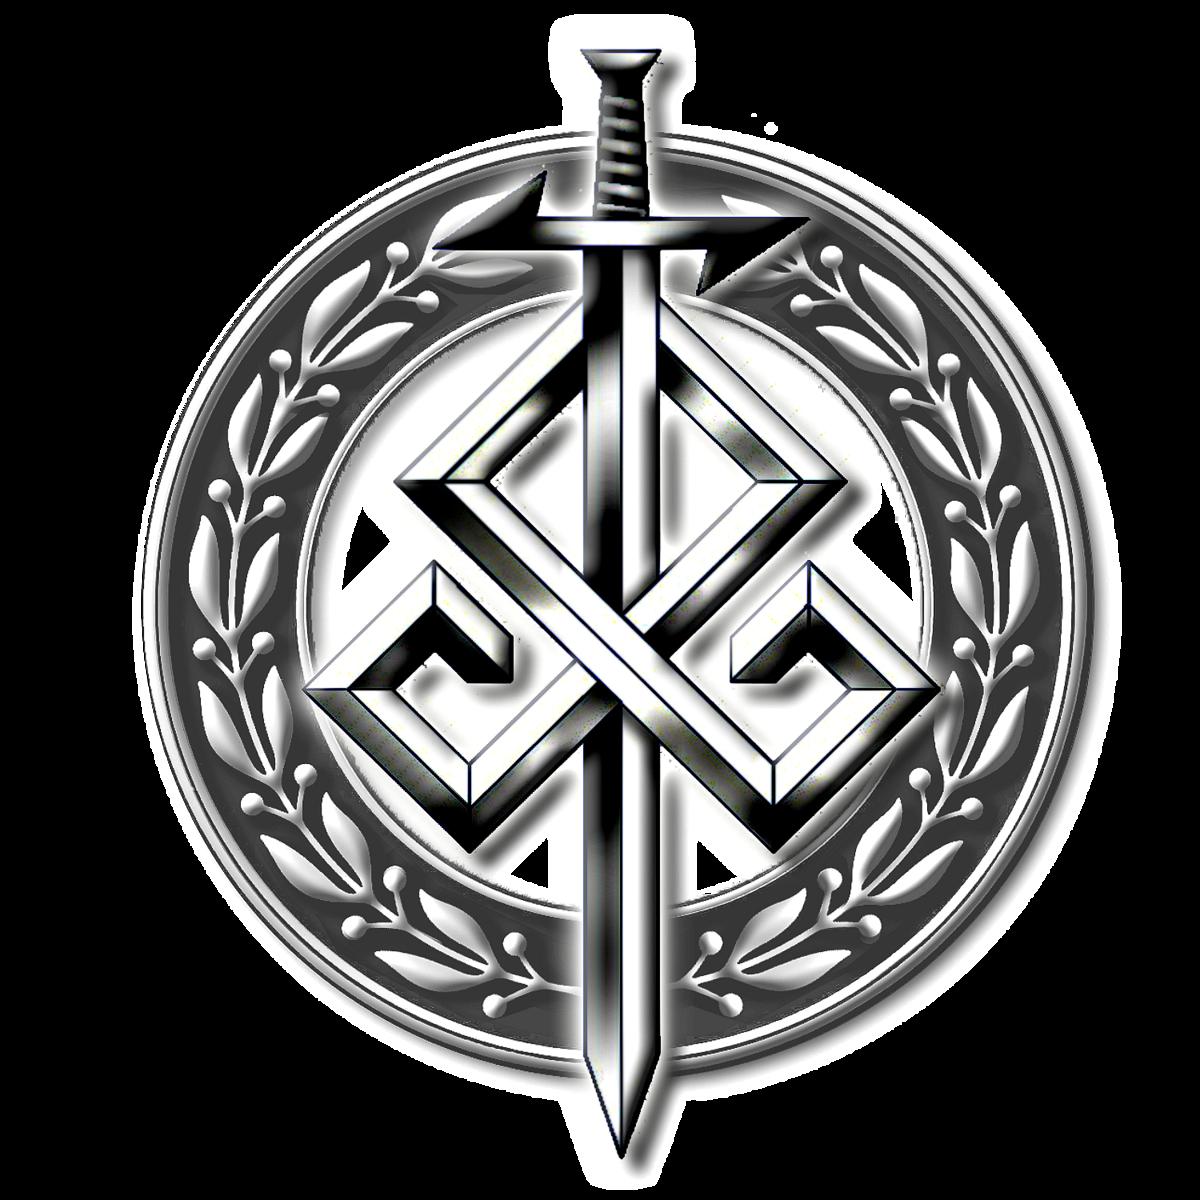 Мистические корни «аненербе» - засекреченной организации гитлера   крамола